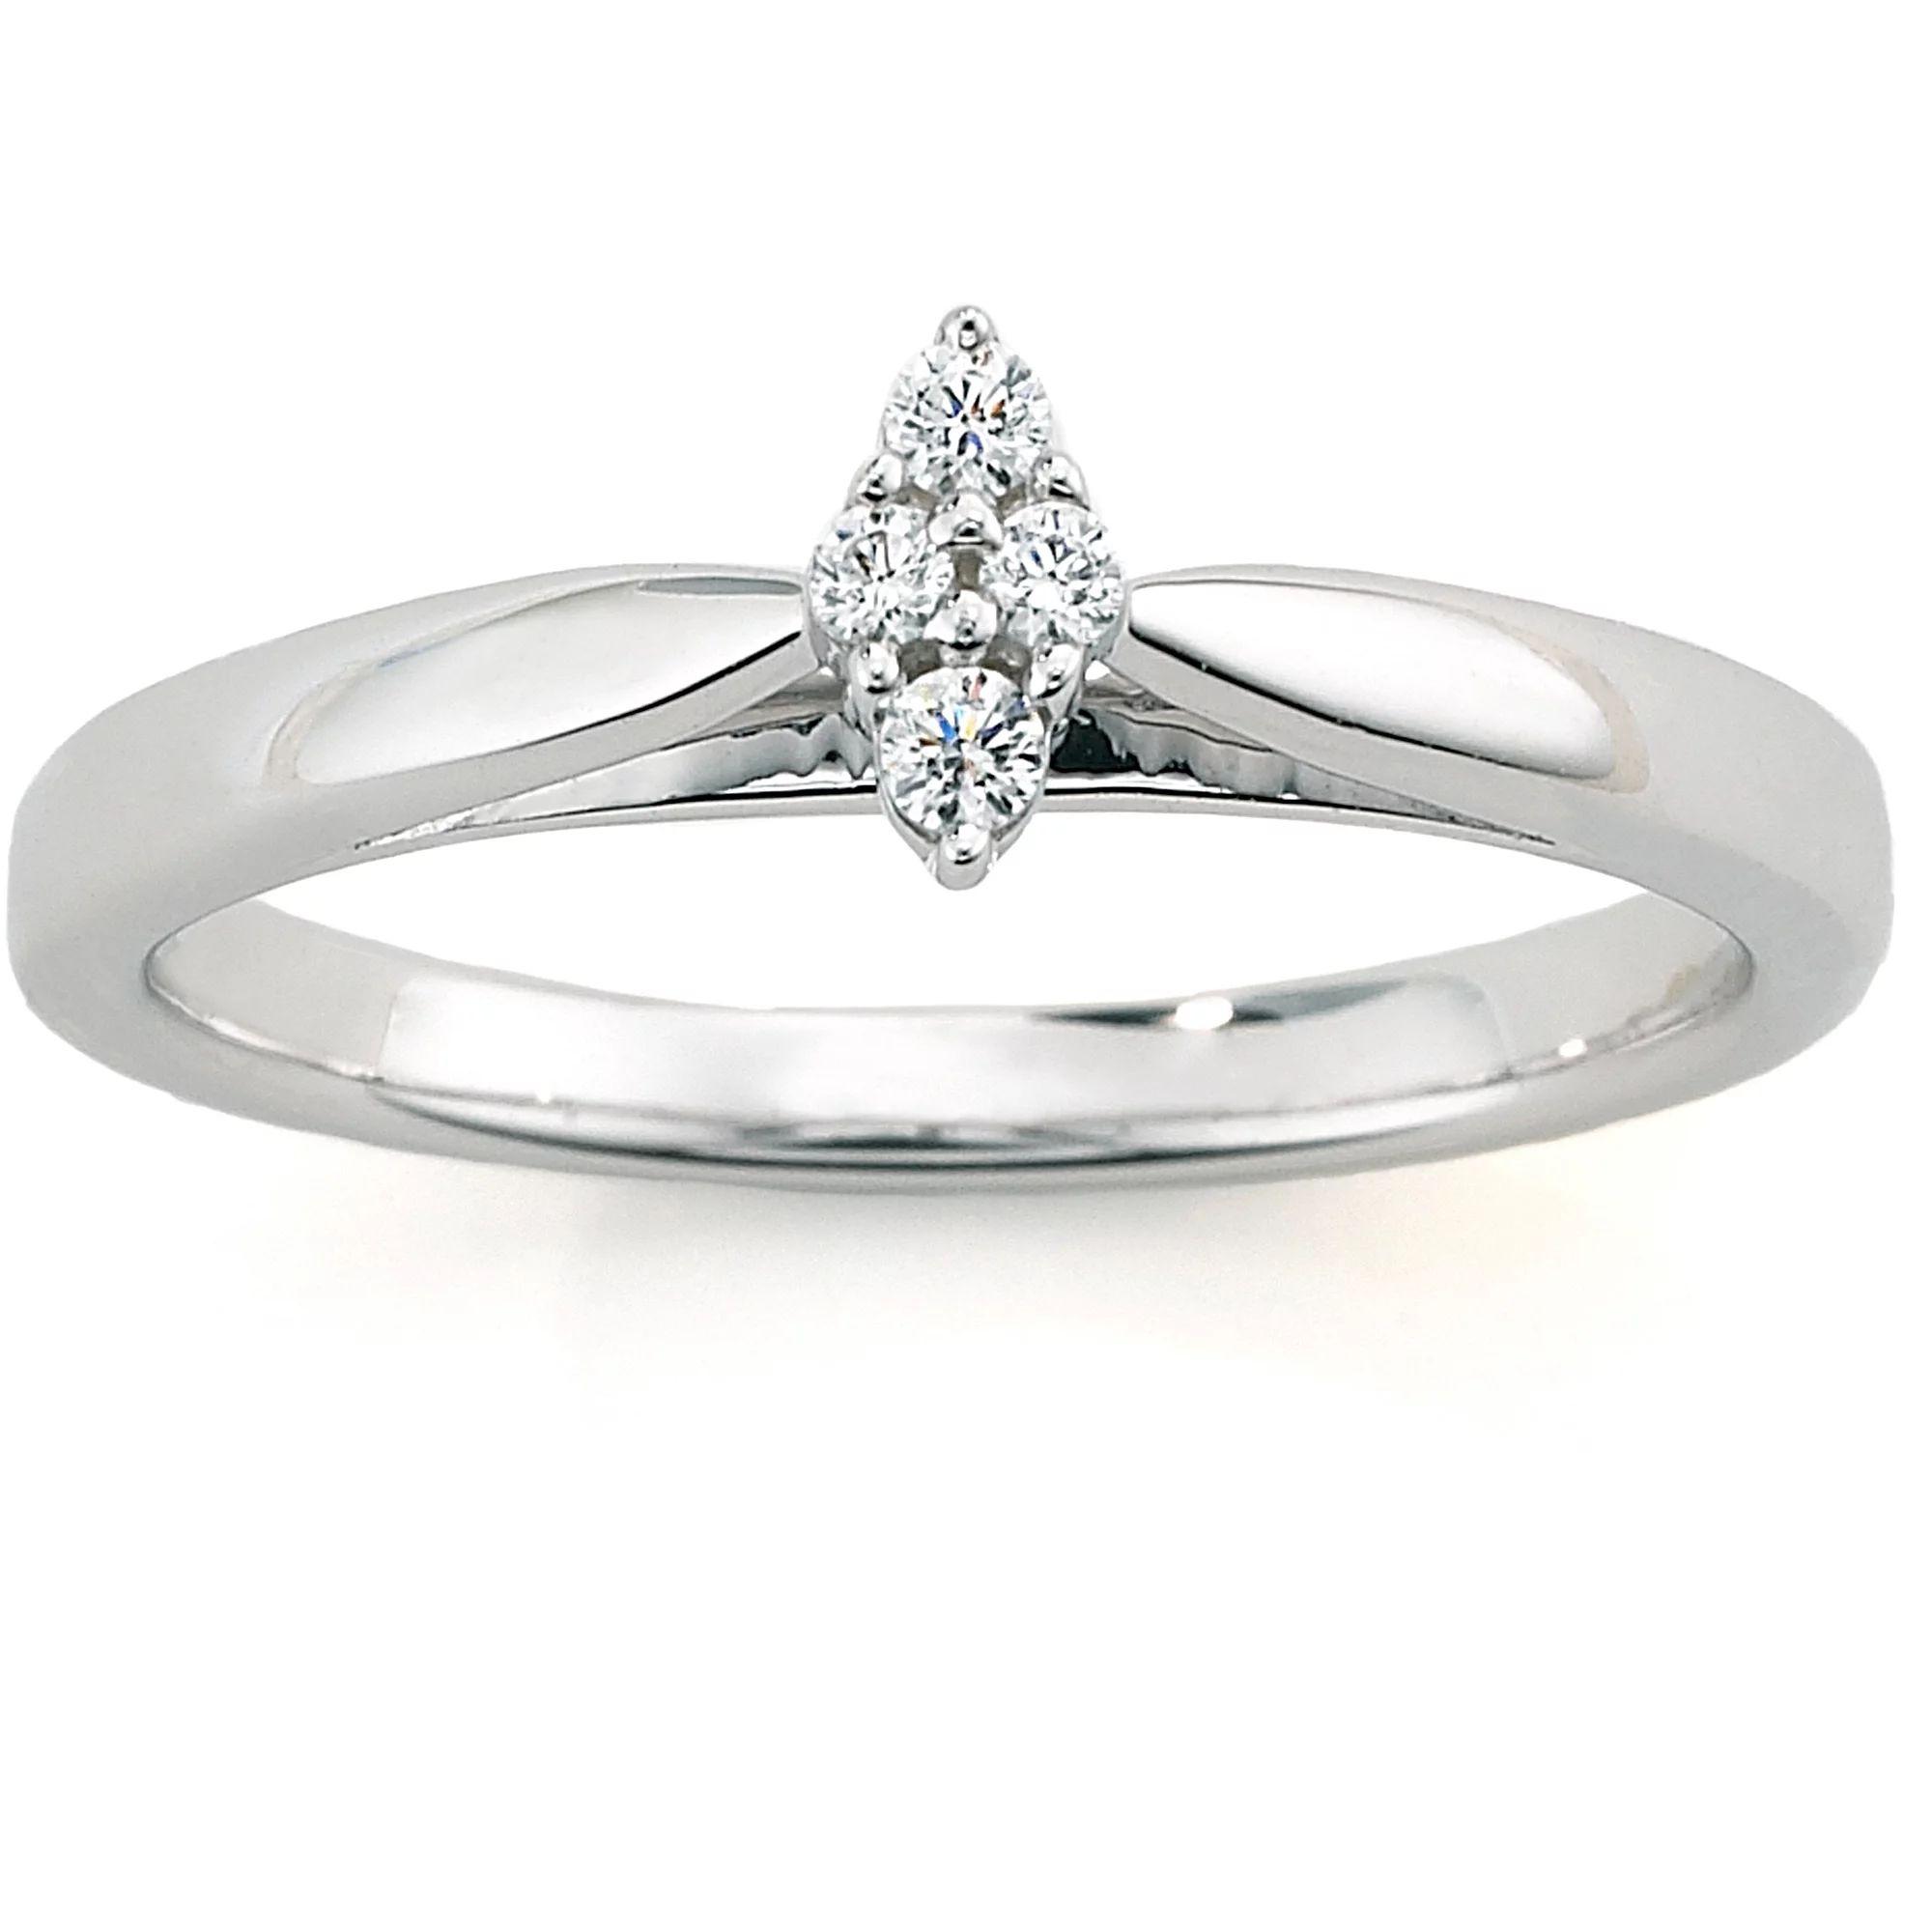 diamond cluster wedding rings wedding rings walmart Engagement Ring Walmart Download